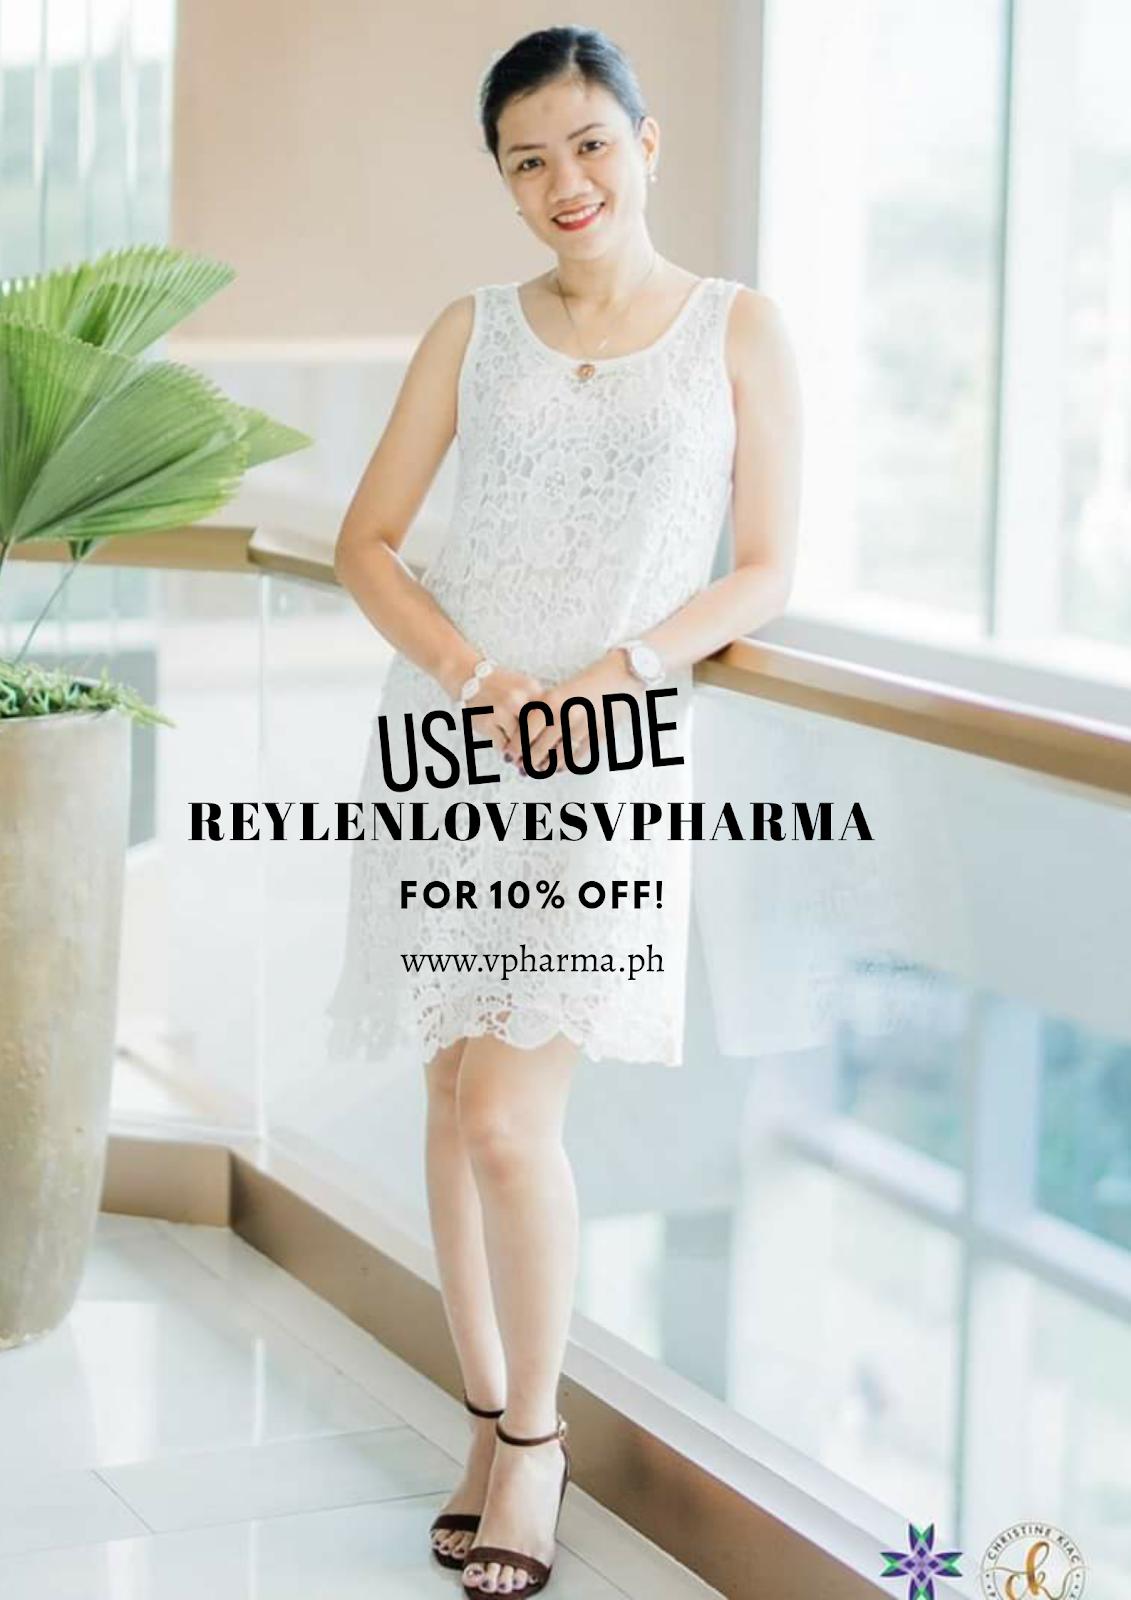 VPharma Brand Ambassador